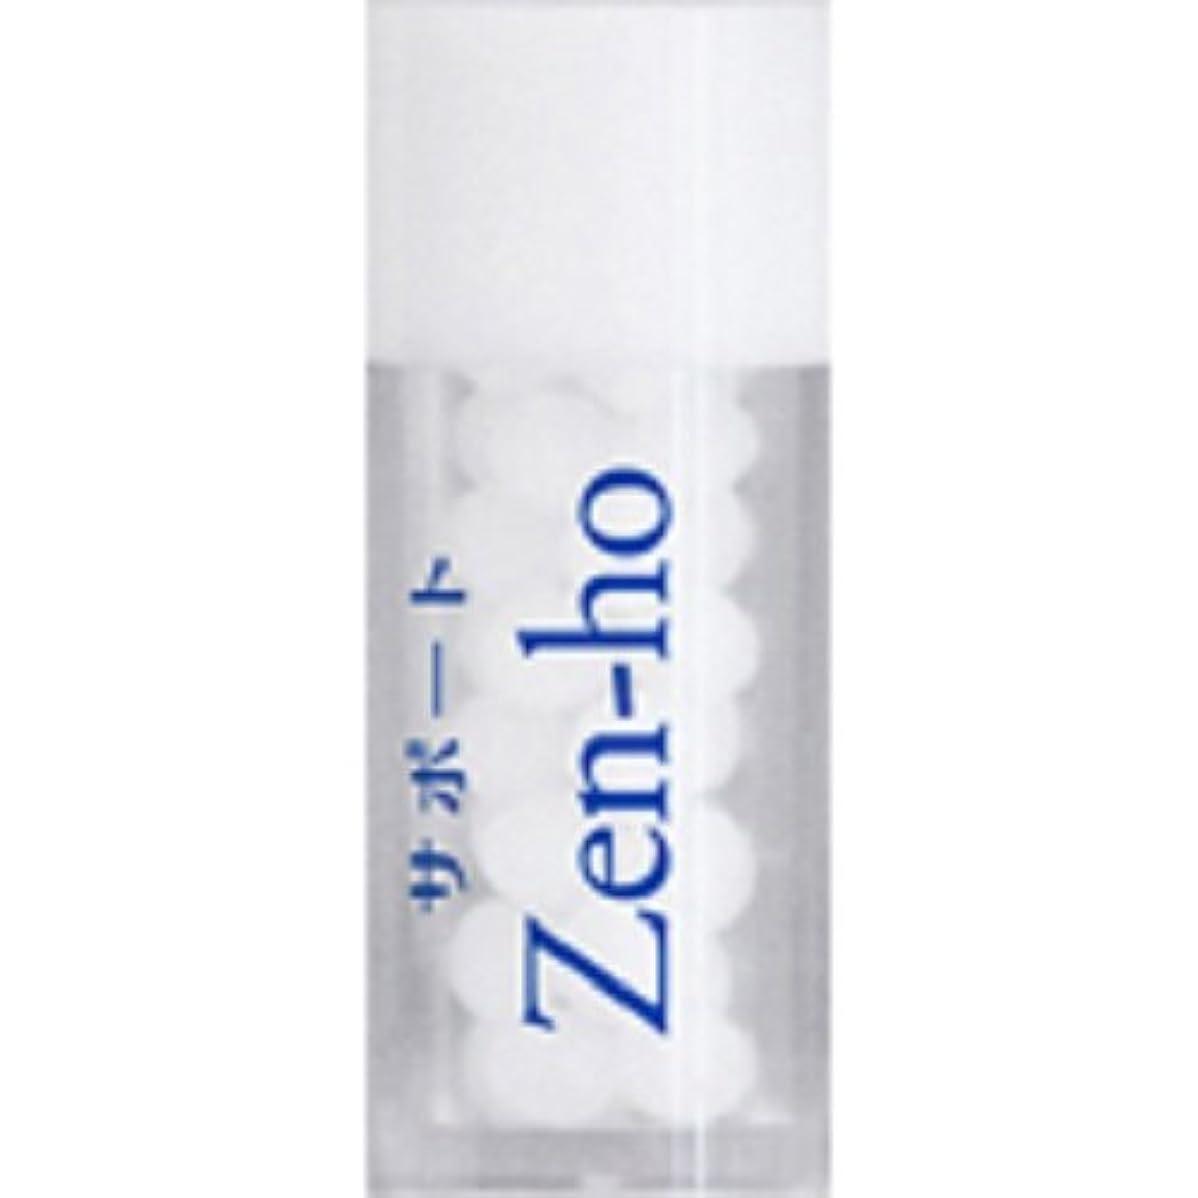 観点炭水化物スキルホメオパシージャパンレメディー サポートZen-ho(小ビン)